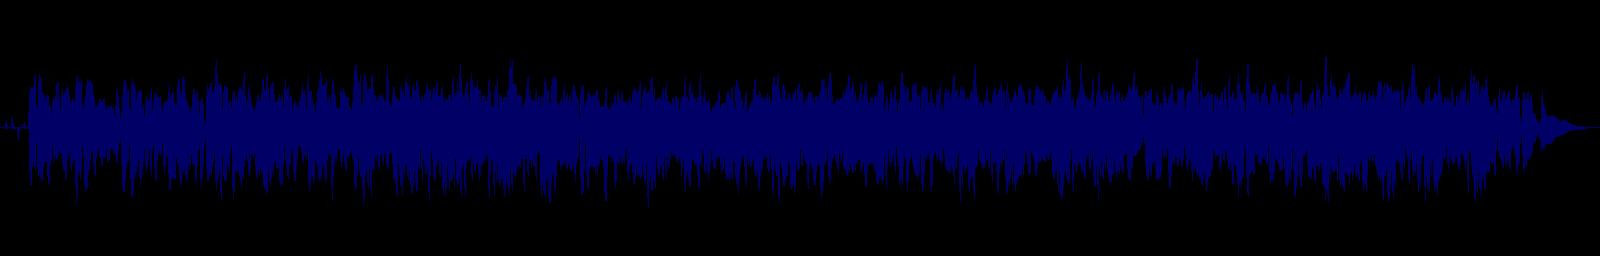 waveform of track #99153